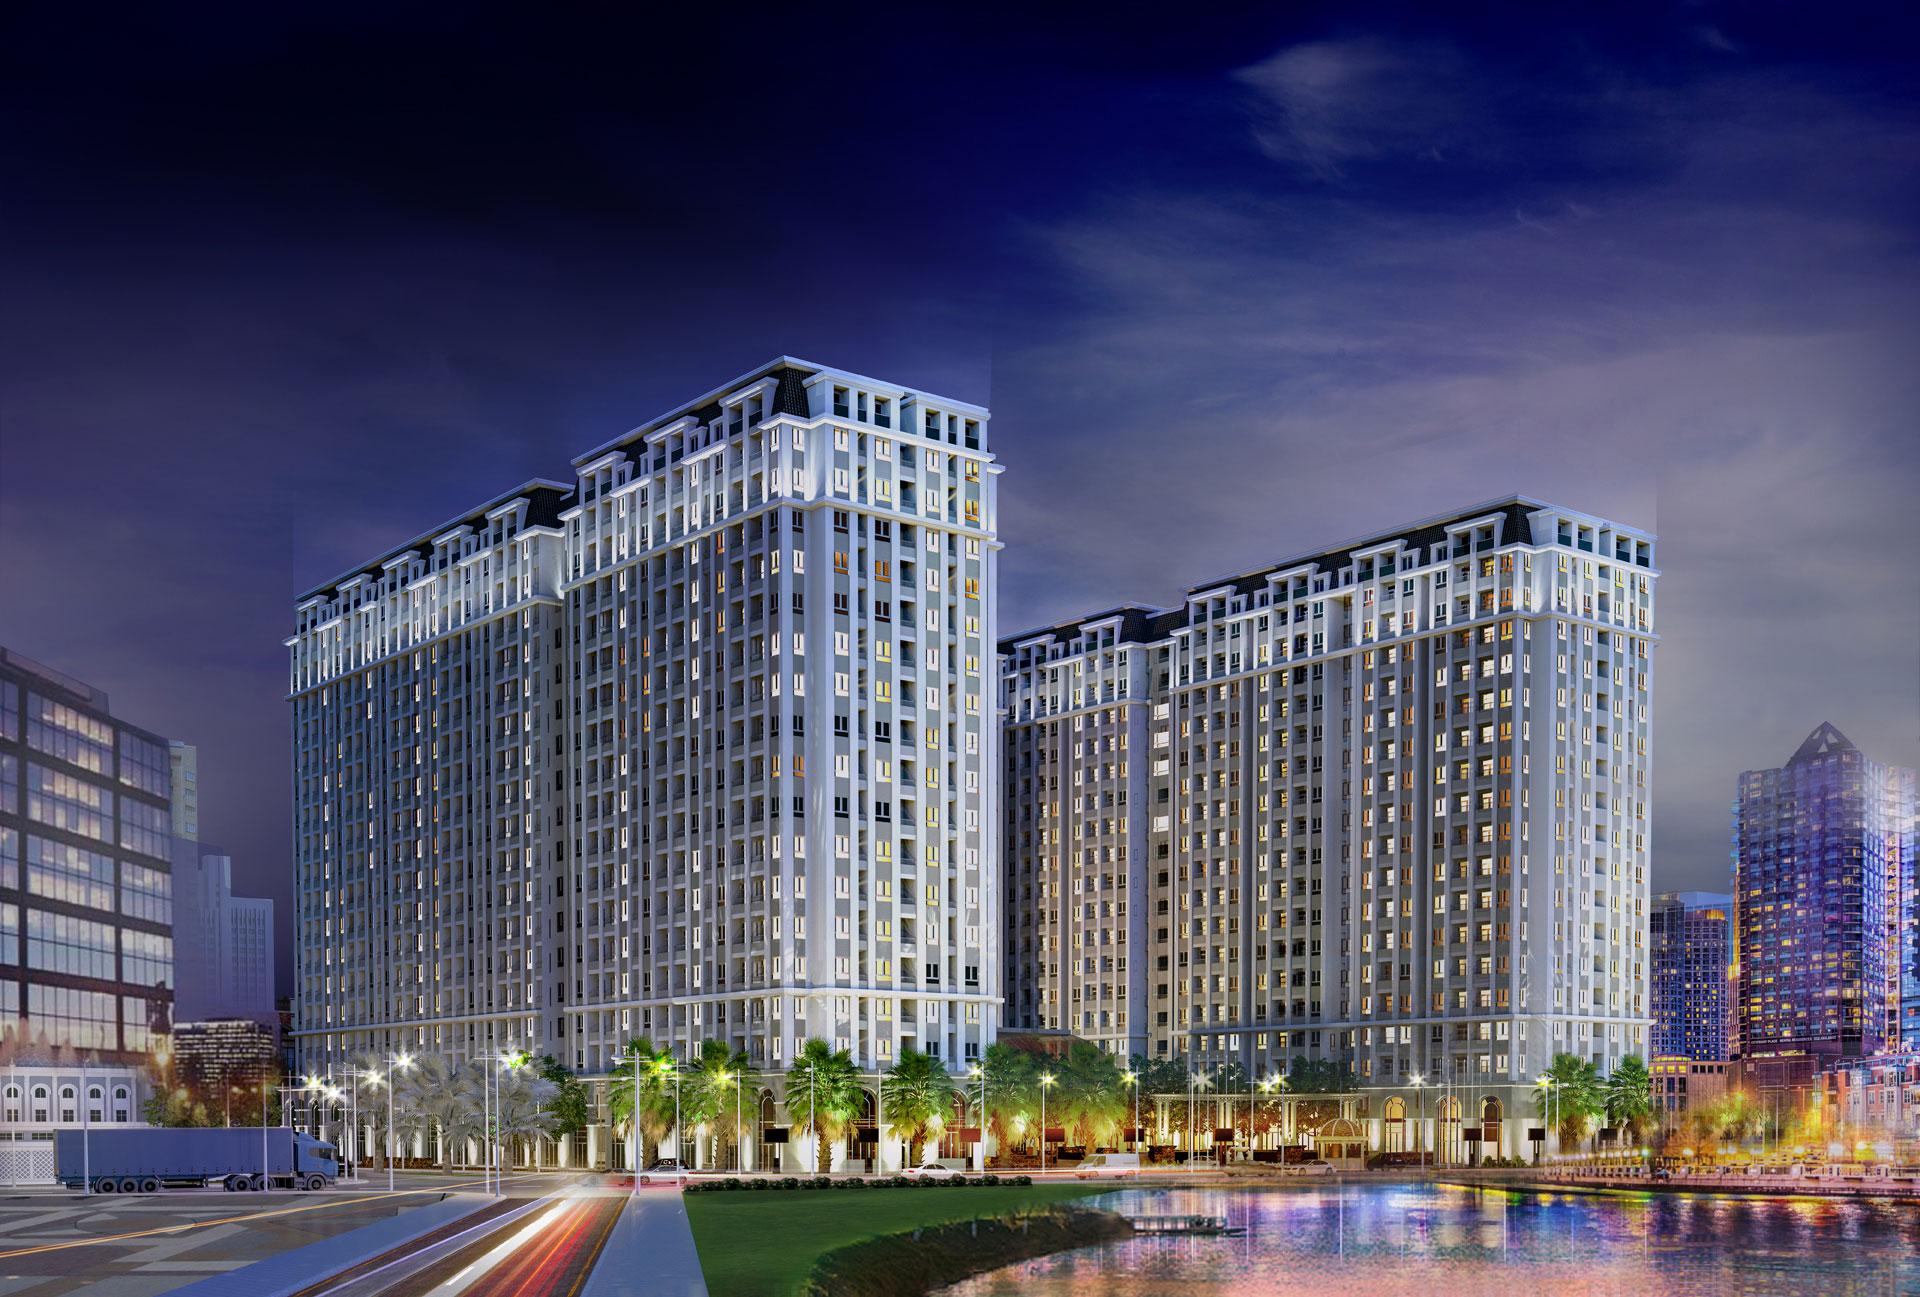 phối cảnh Dự án căn hộ River Park Tower